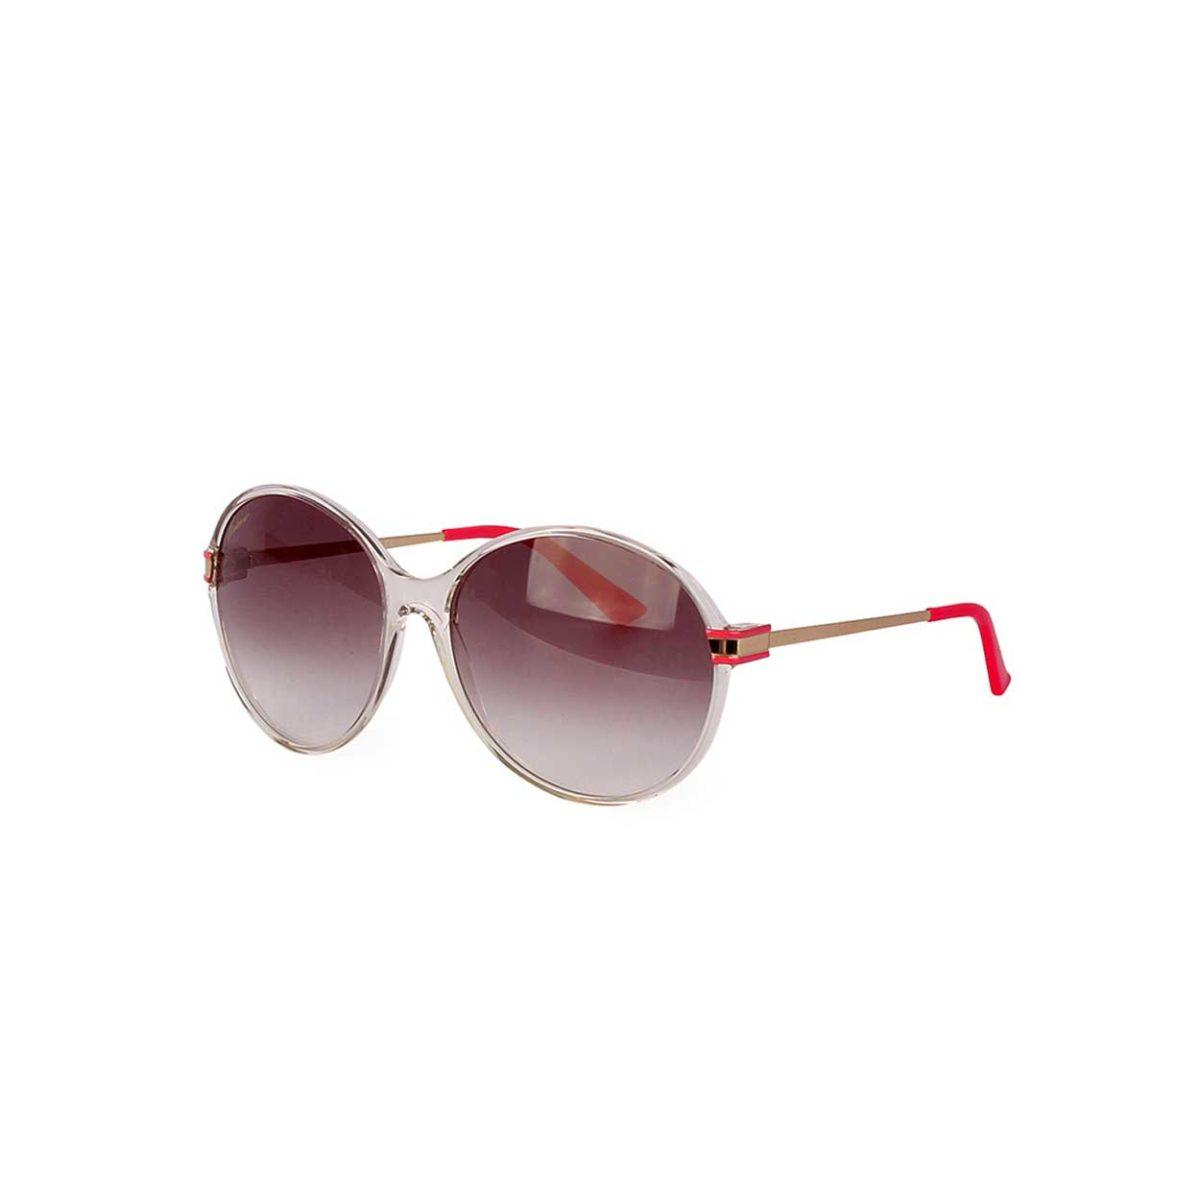 c008d8acb9 Gucci Pink Sunglasses 2017